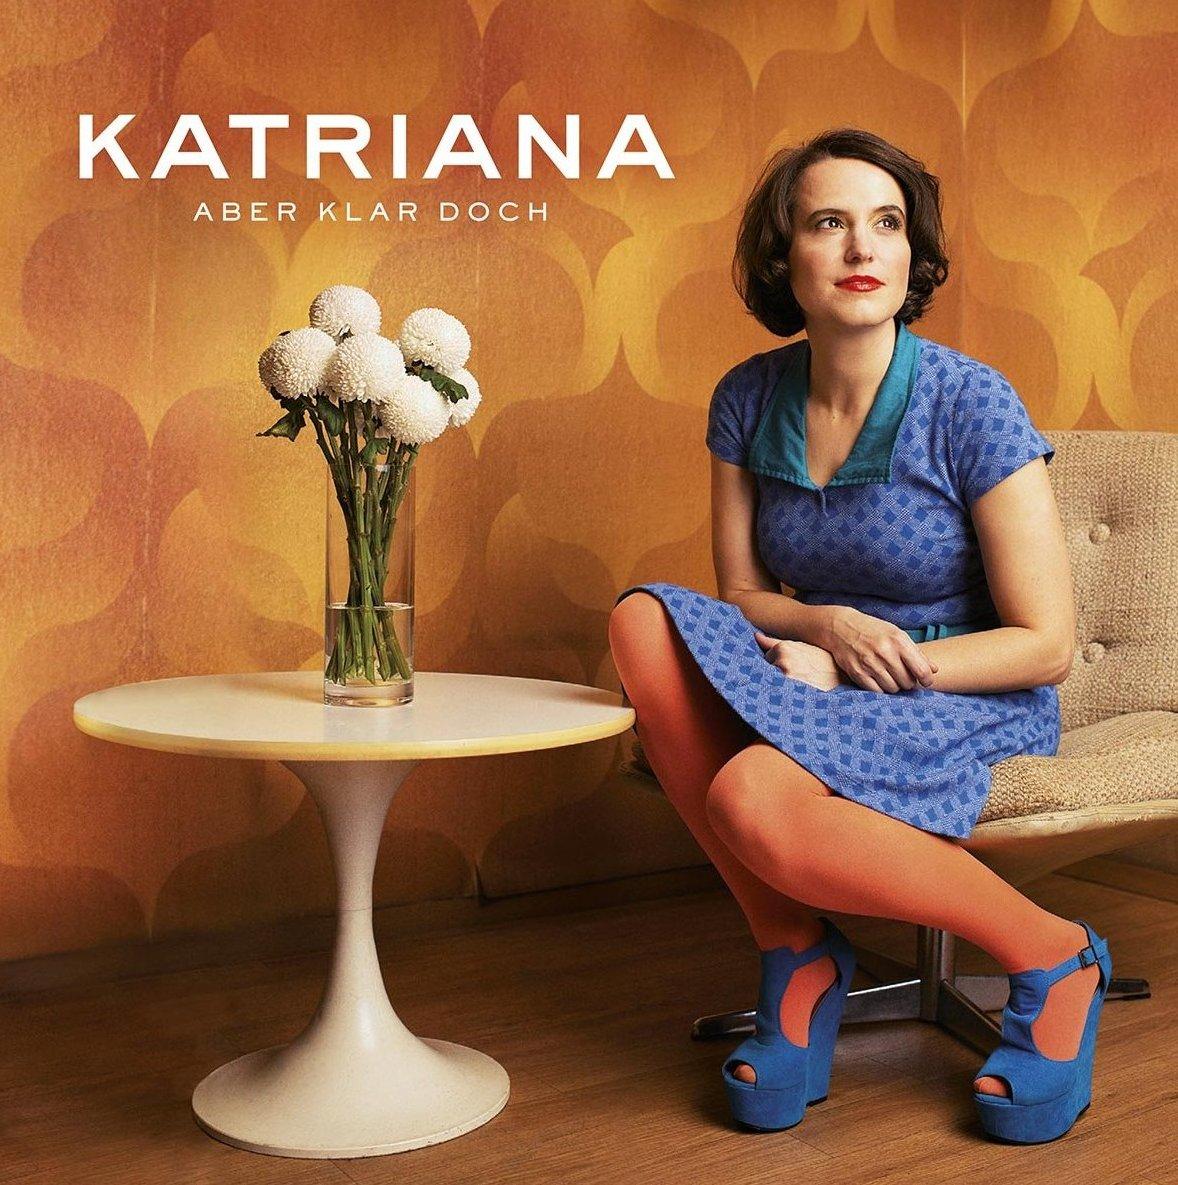 """""""Aber klar doch"""" – Katriana überzeugt auf ihrem dritten Album mit schonungslosen Pop-Chansons"""